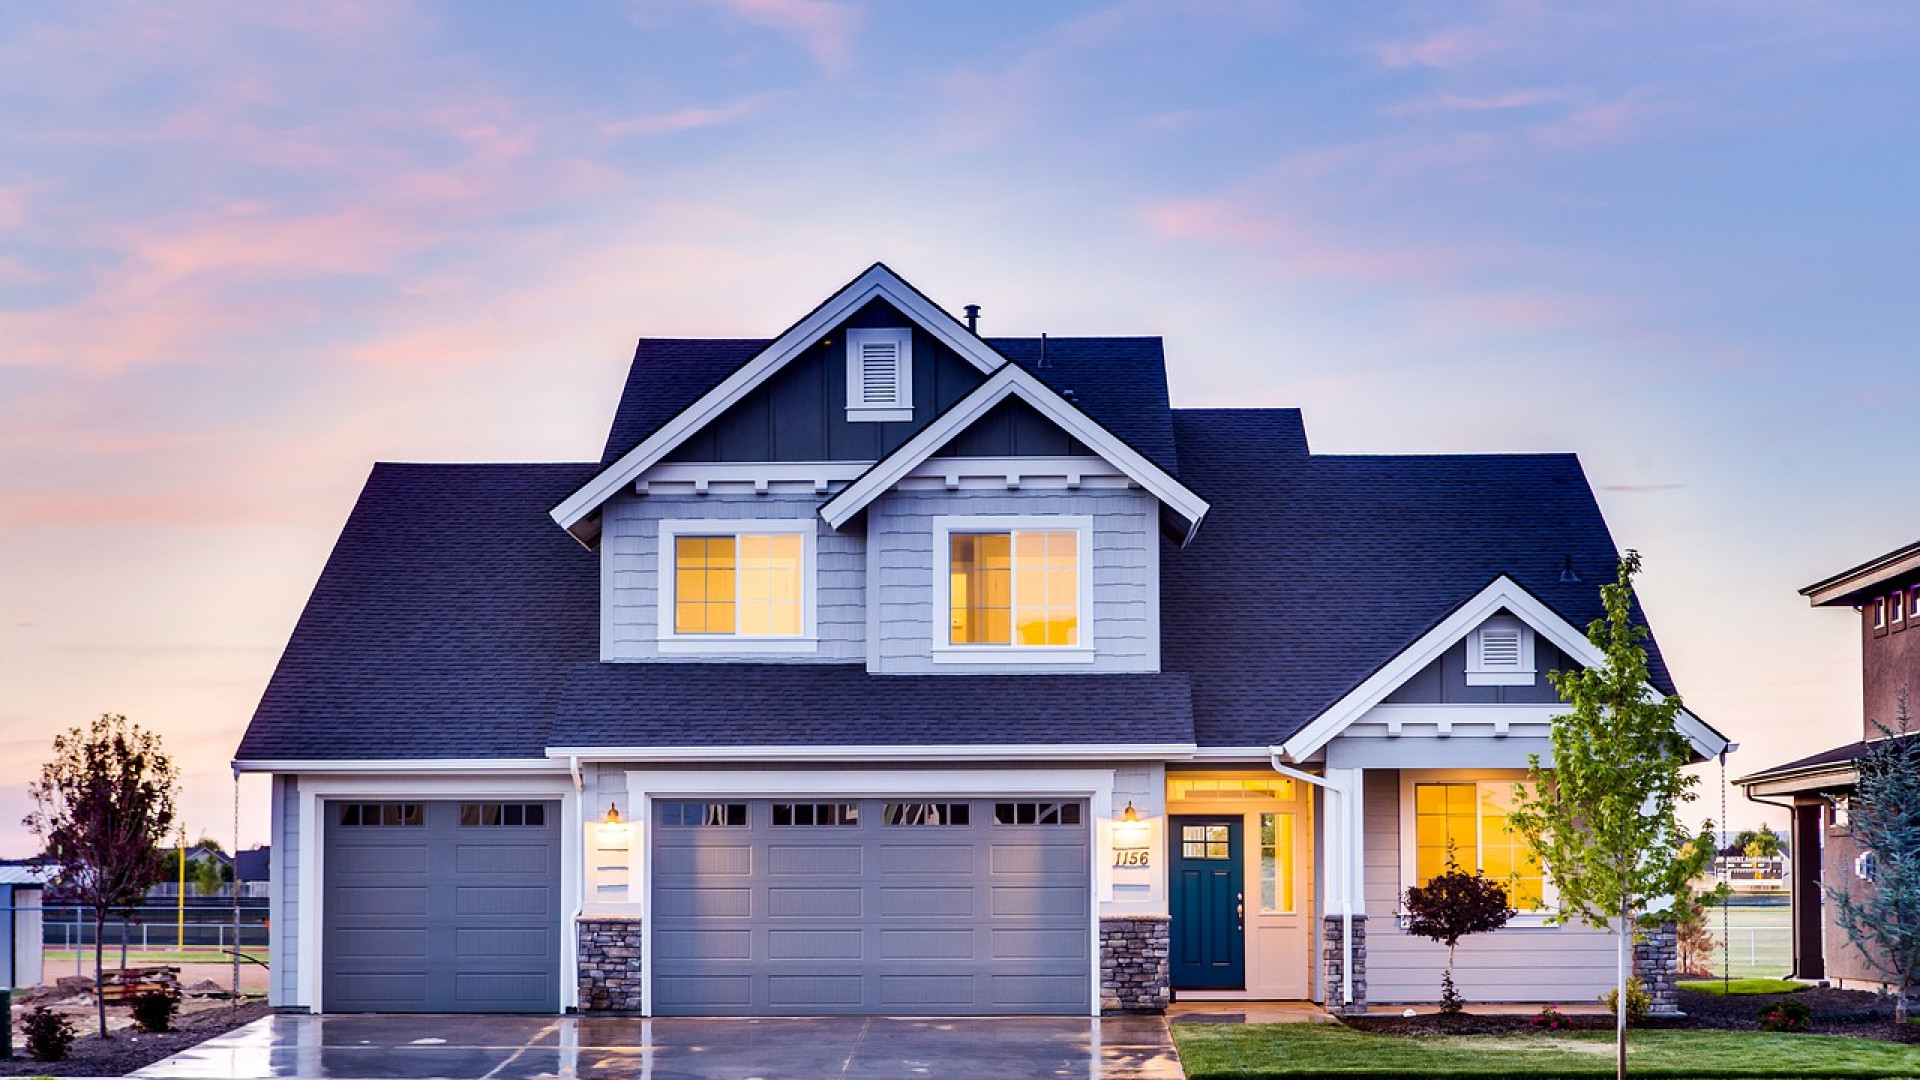 La maison sur modèles : l'idéal pour les petits budgets